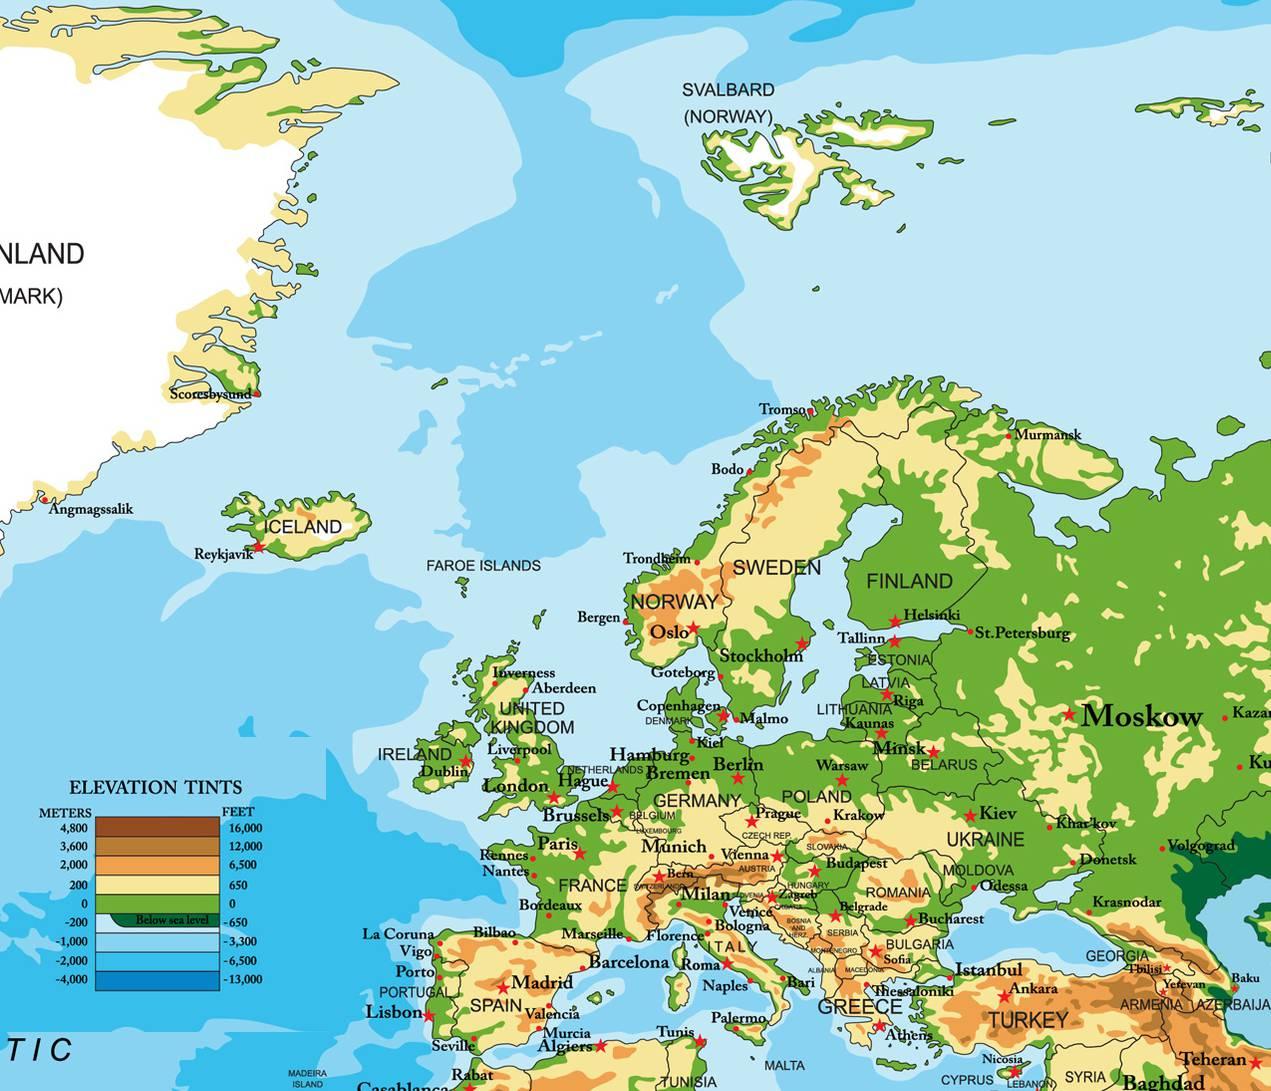 Carte De L'europe - Cartes Reliefs, Villes, Pays, Euro, Ue encequiconcerne Carte De L Europe Détaillée